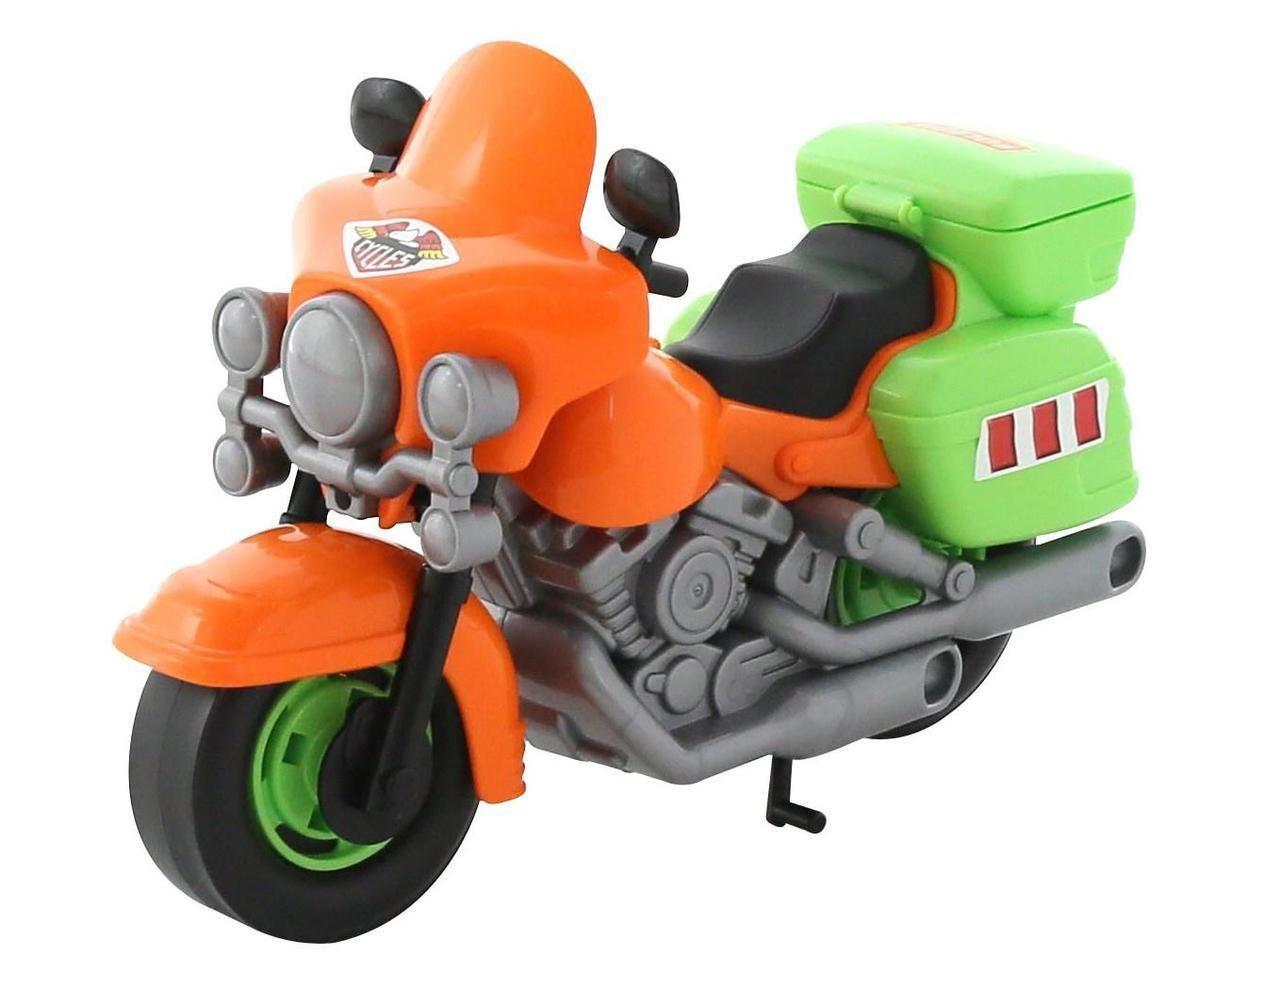 """Игрушка Polesie мотоцикл полицейский """"Харлей"""" оранжевый (8947-2)"""